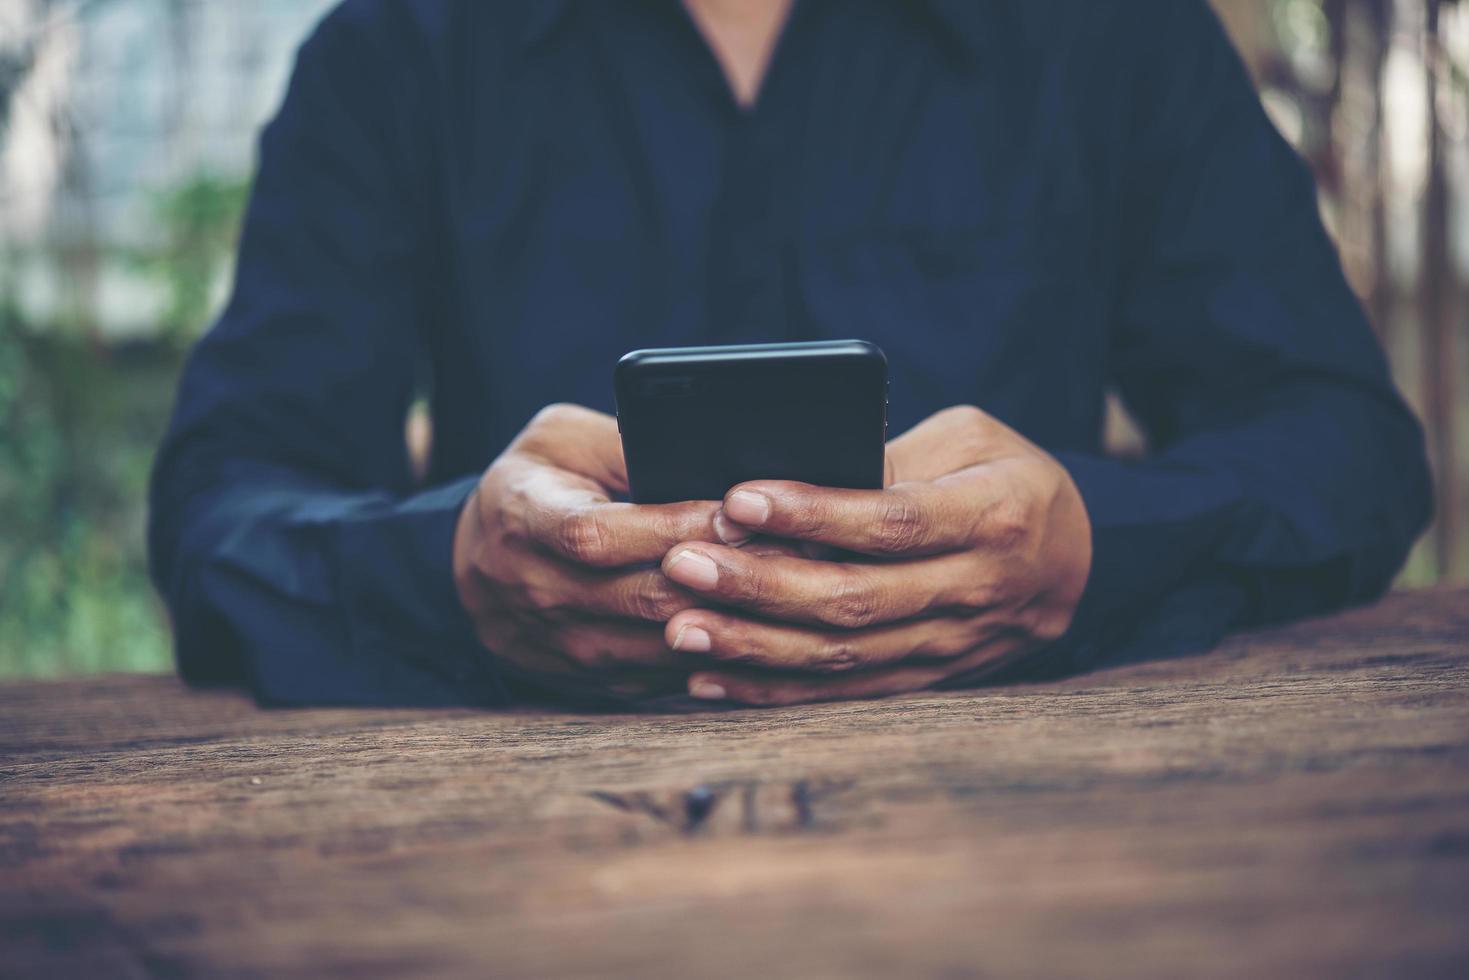 persona sosteniendo un teléfono inteligente en una mesa foto